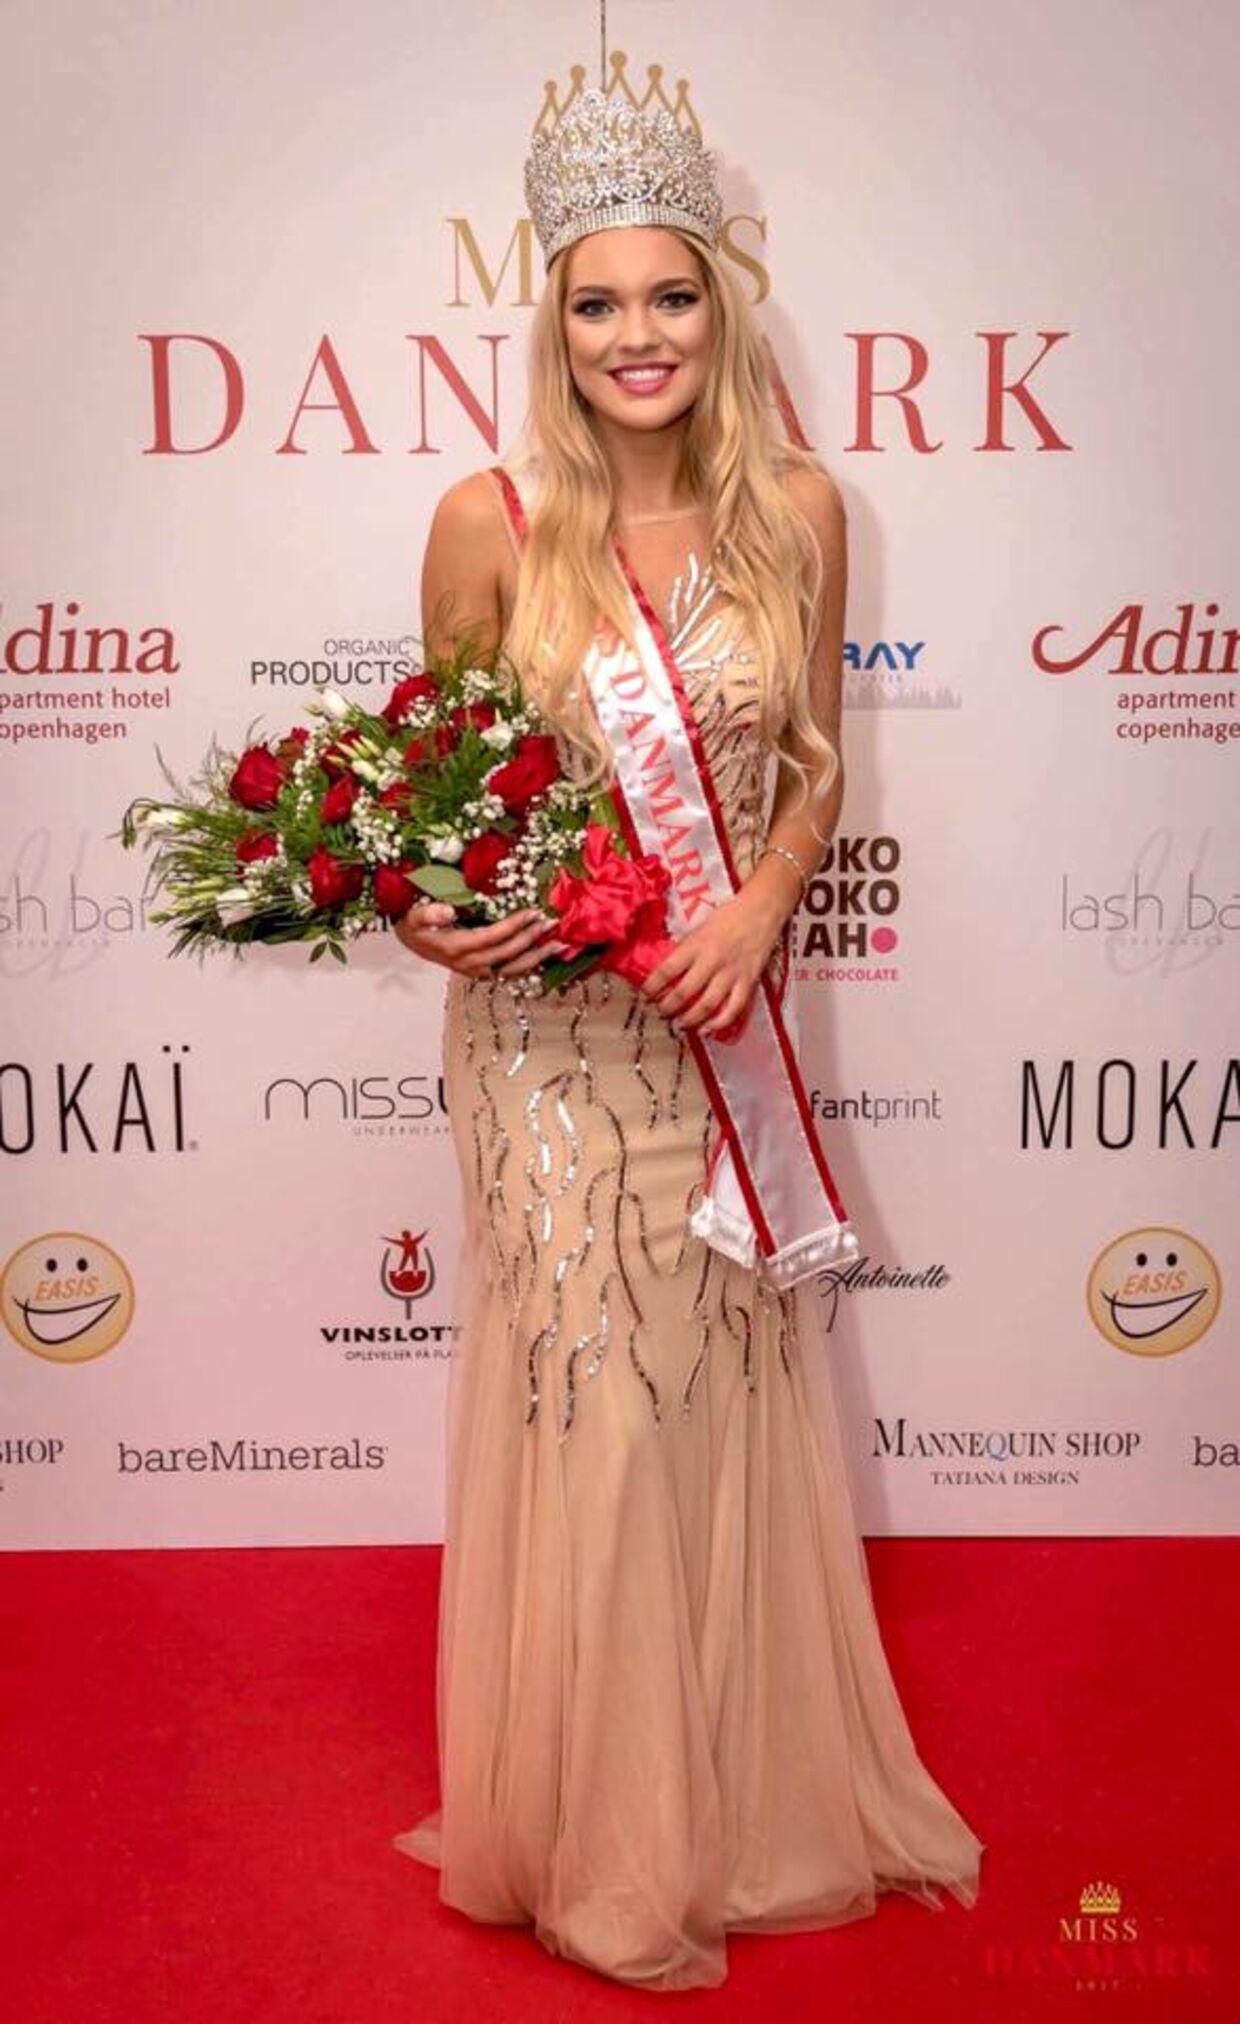 Miss Denmark 2017 Amanda Petri, der i aften skal overrække kronen til den nye vinder